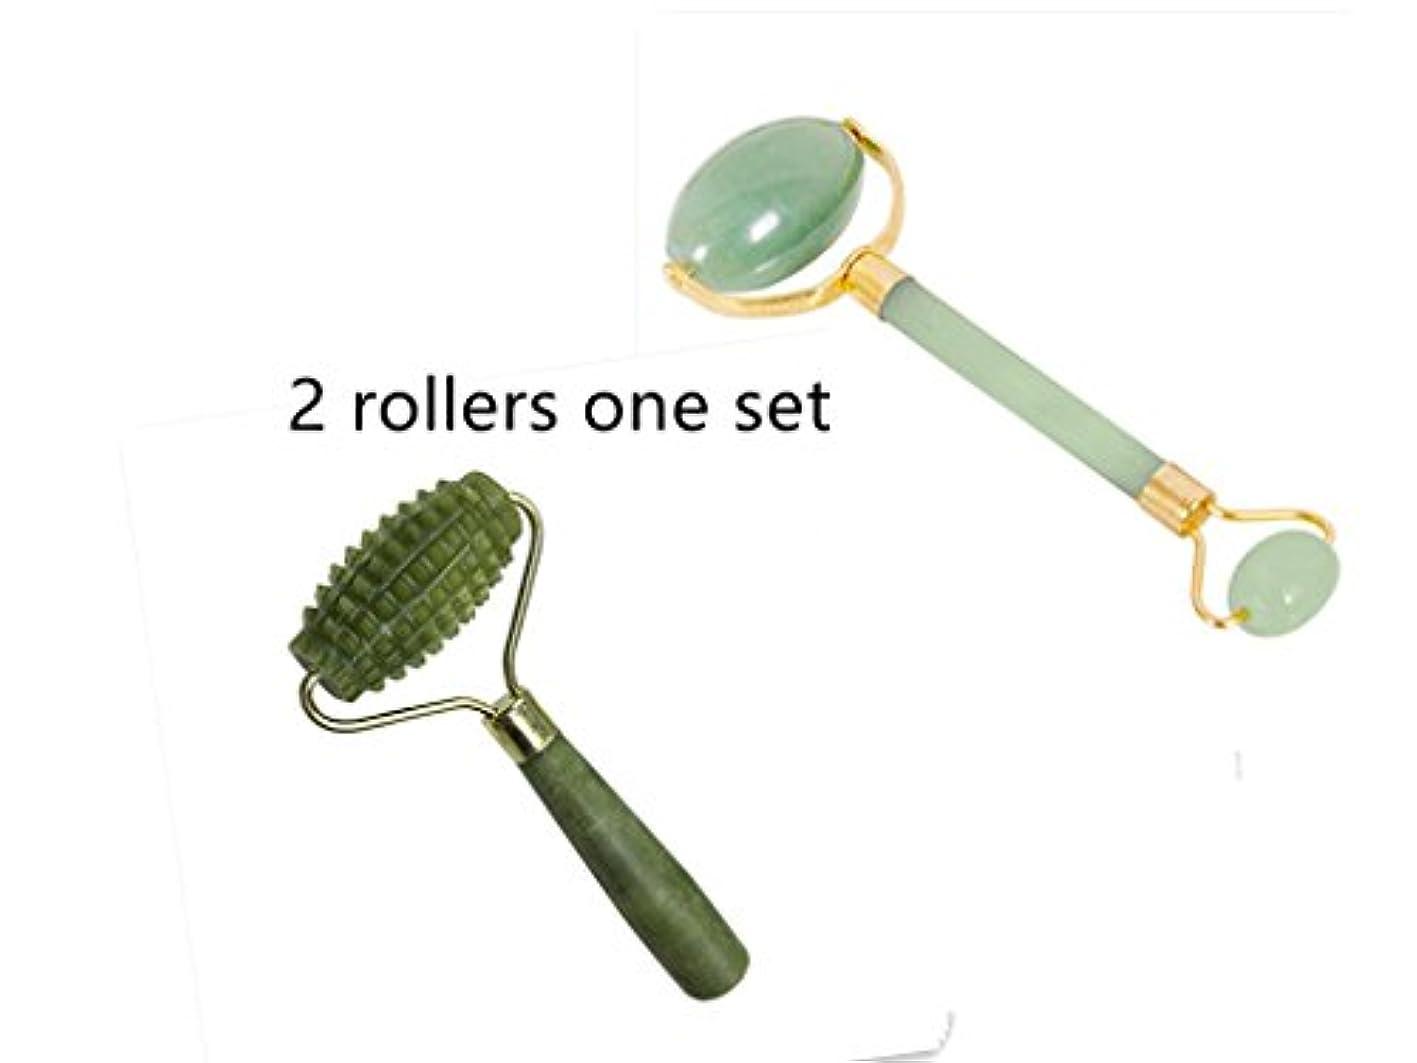 モナリザ単調な商業のEcho & Kern 2点翡翠フェイスマッサジギザギザ付きでローラー 2pcs one set Double head Jade Roller and one single head Jade roller